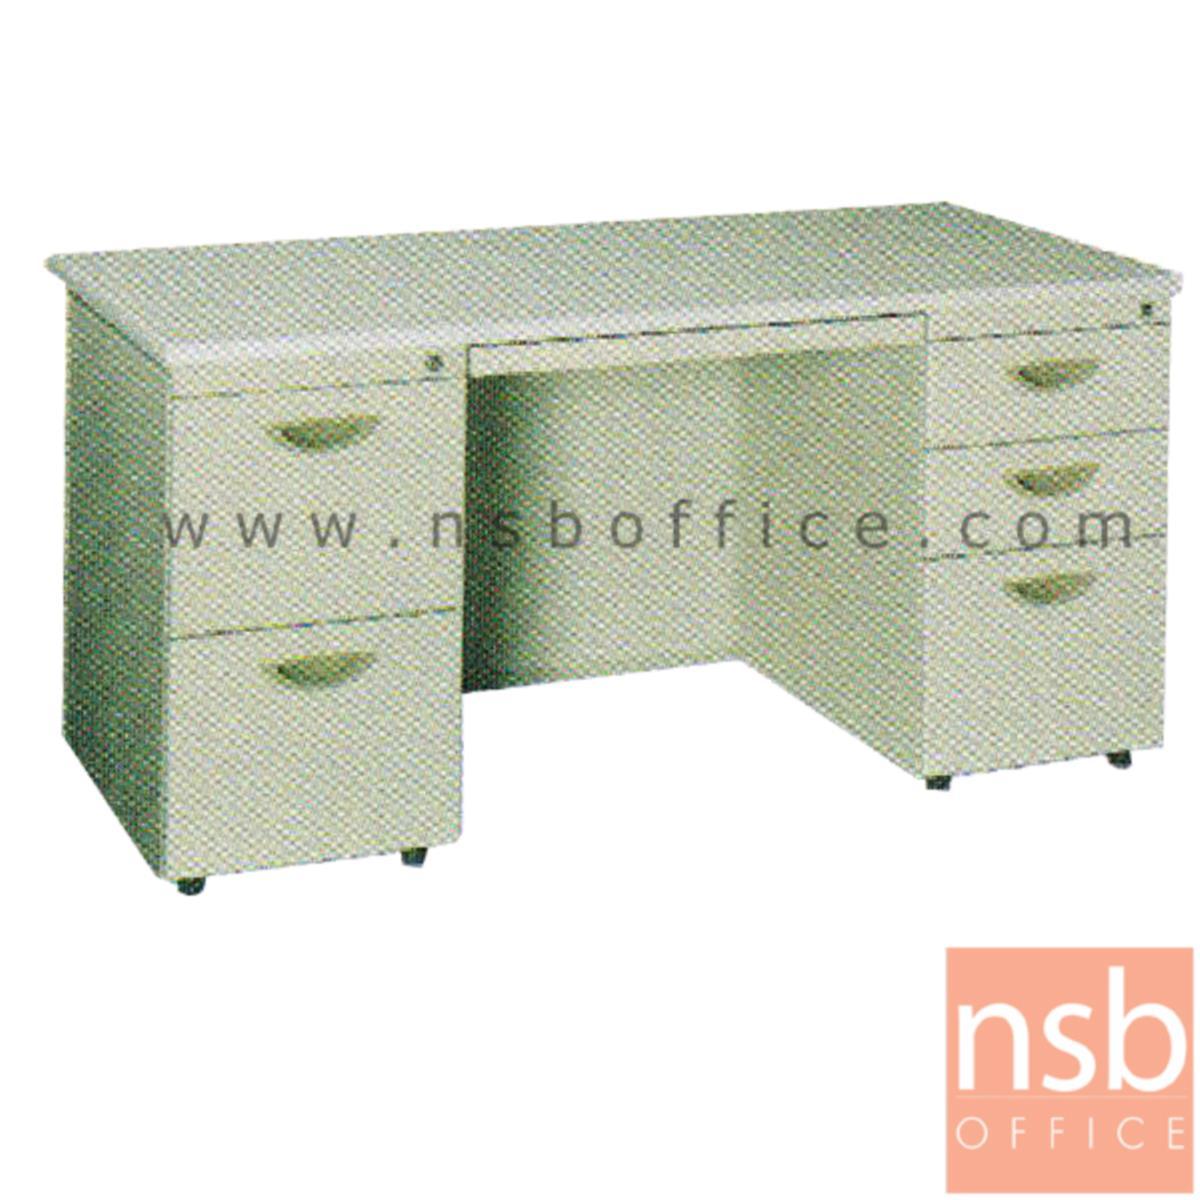 E28A116:โต๊ะทำงานเหล็กพร้อมรางคีย์บอร์ด 5 ลิ้นชักข้าง ยี่ห้อ Lucky  รุ่น DP23-75150,DP23-75180